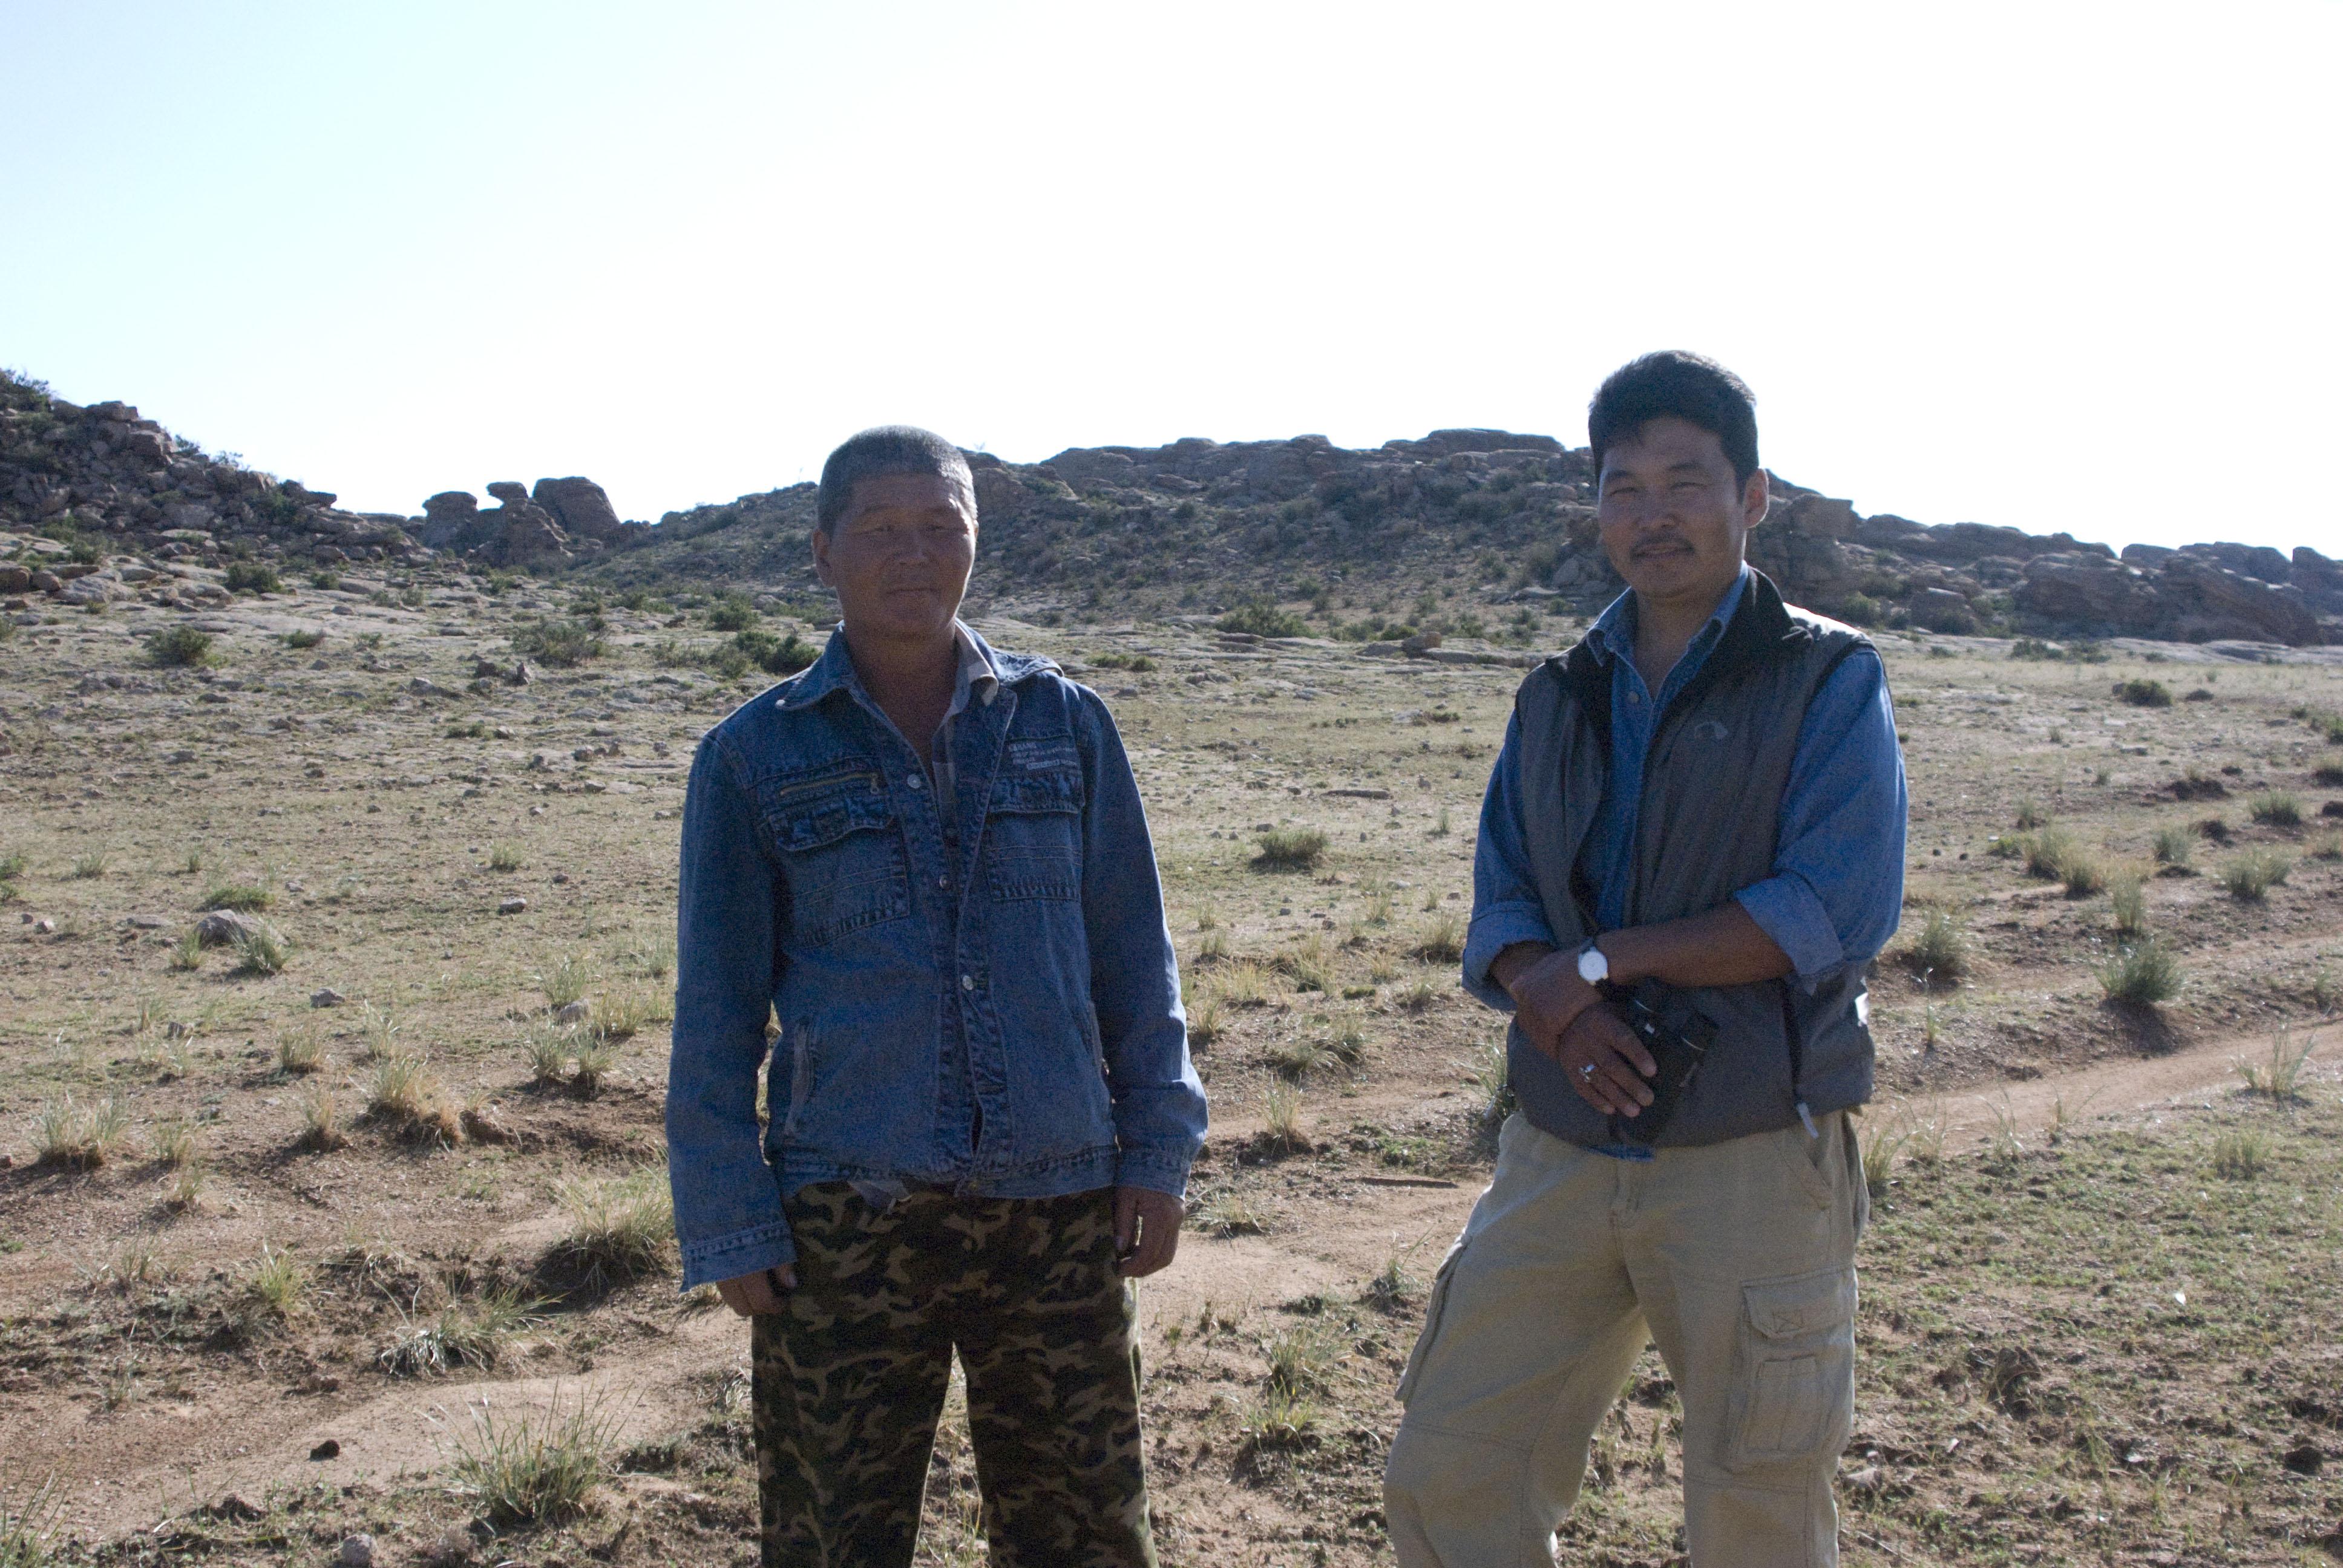 Onroo and Hatnaa in front of argali